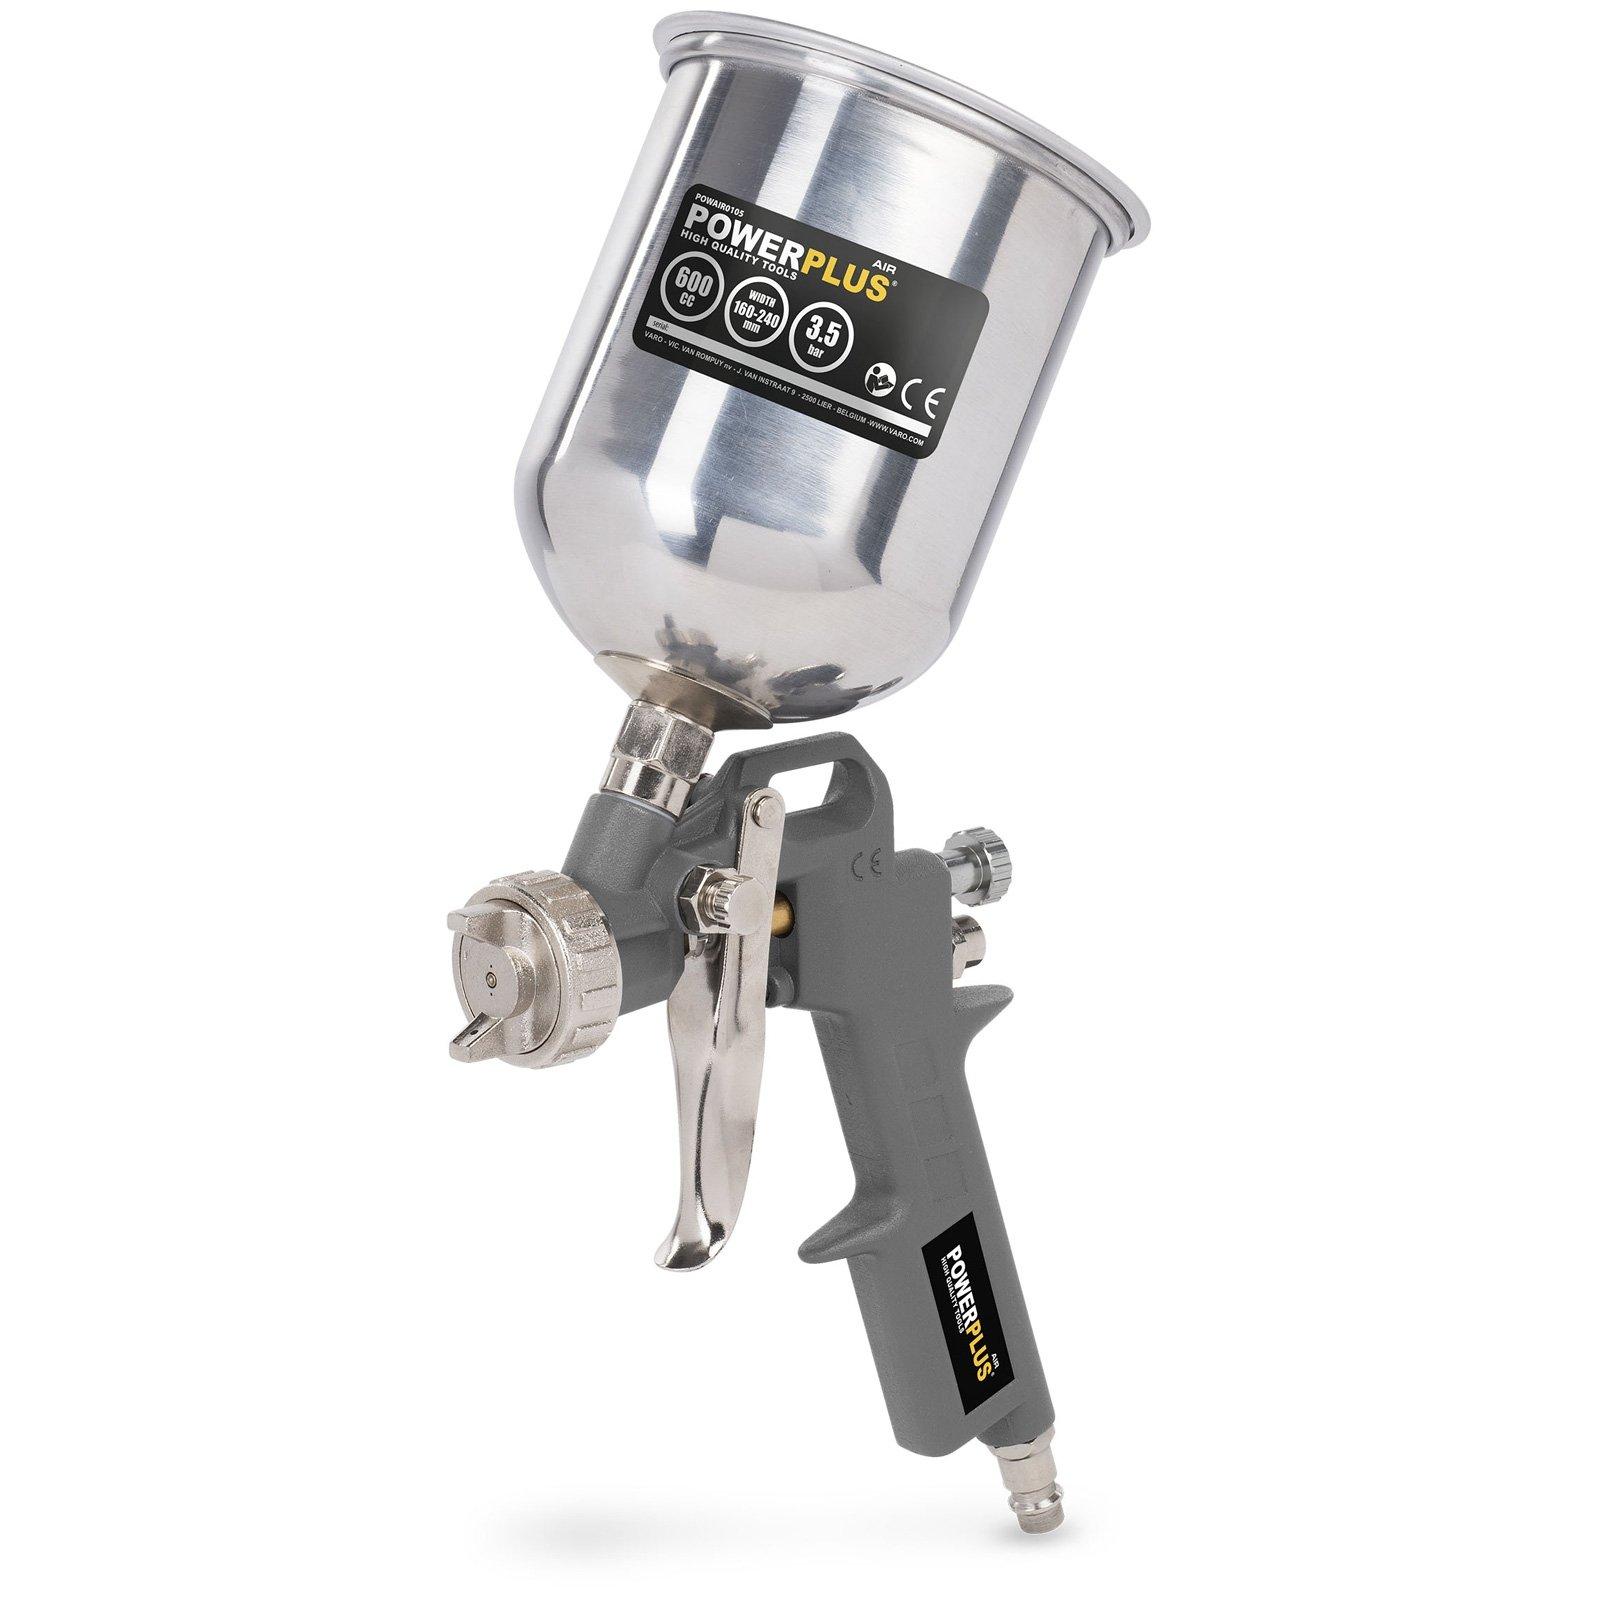 pistolet pulvérisateur haute pression fourniture de couleur par gravité - pistolet de pulverisation godet haut 400cc - POWAIR0105 product image